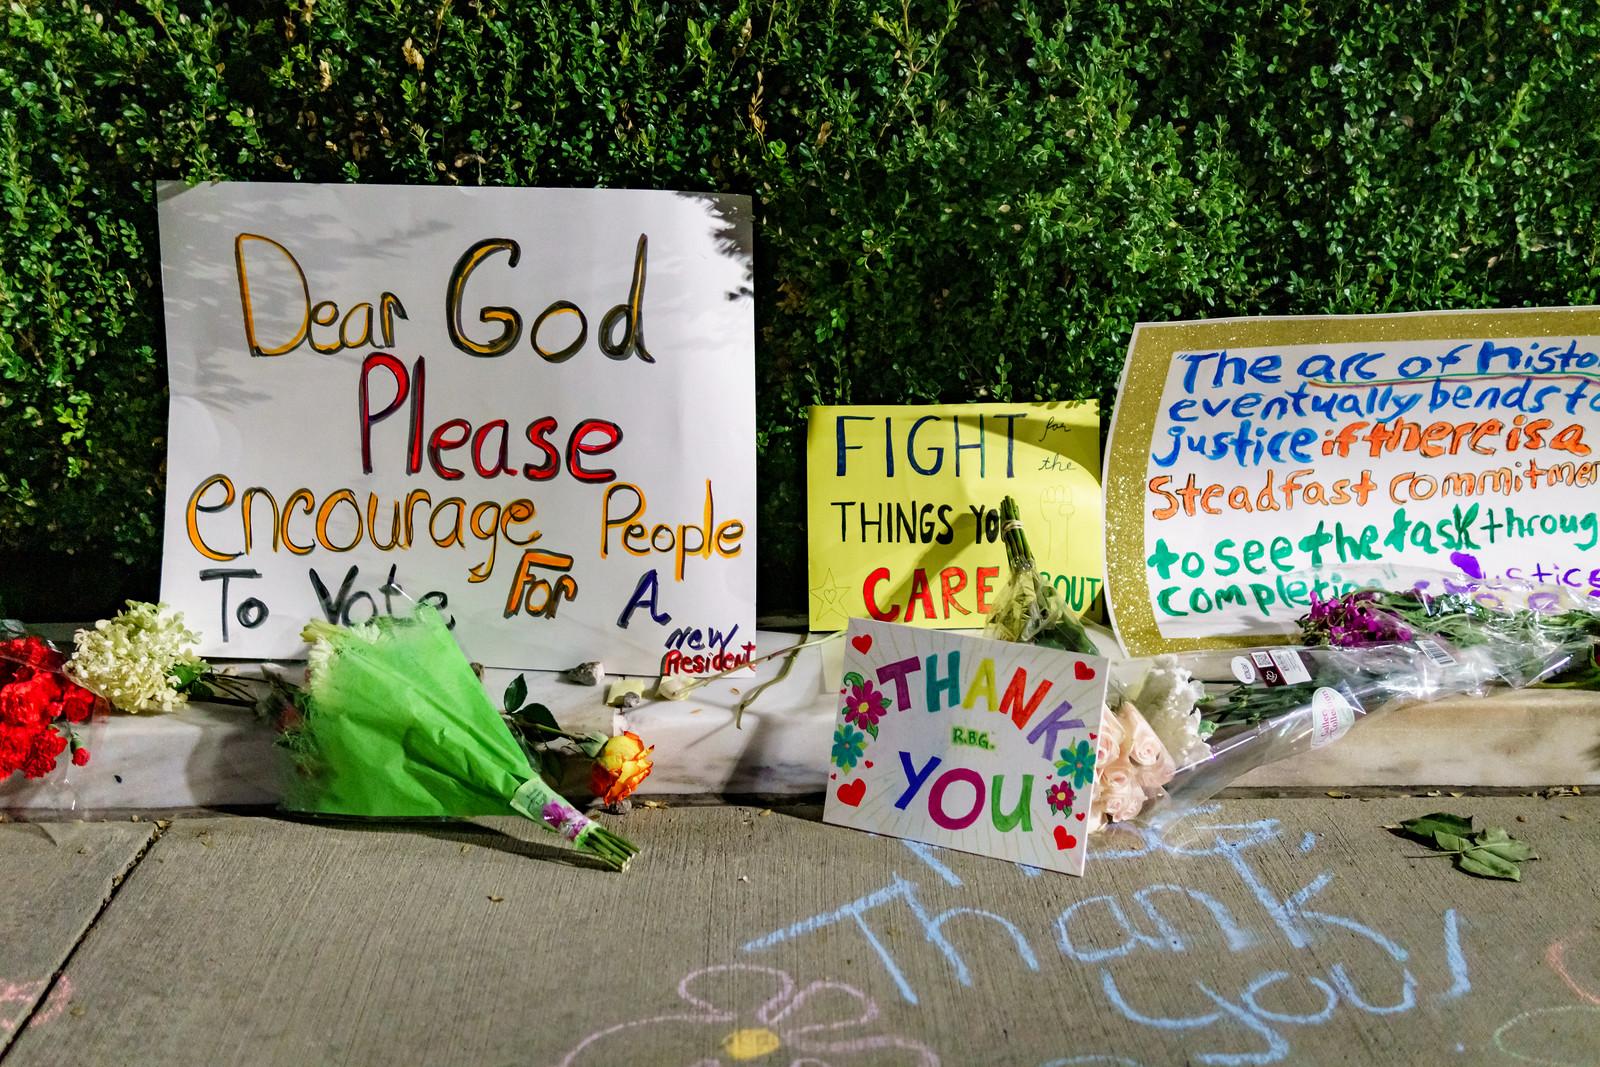 2020.09.19 Vigil for Ruth Bader Ginsburg, Washington, DC USA 263 96247